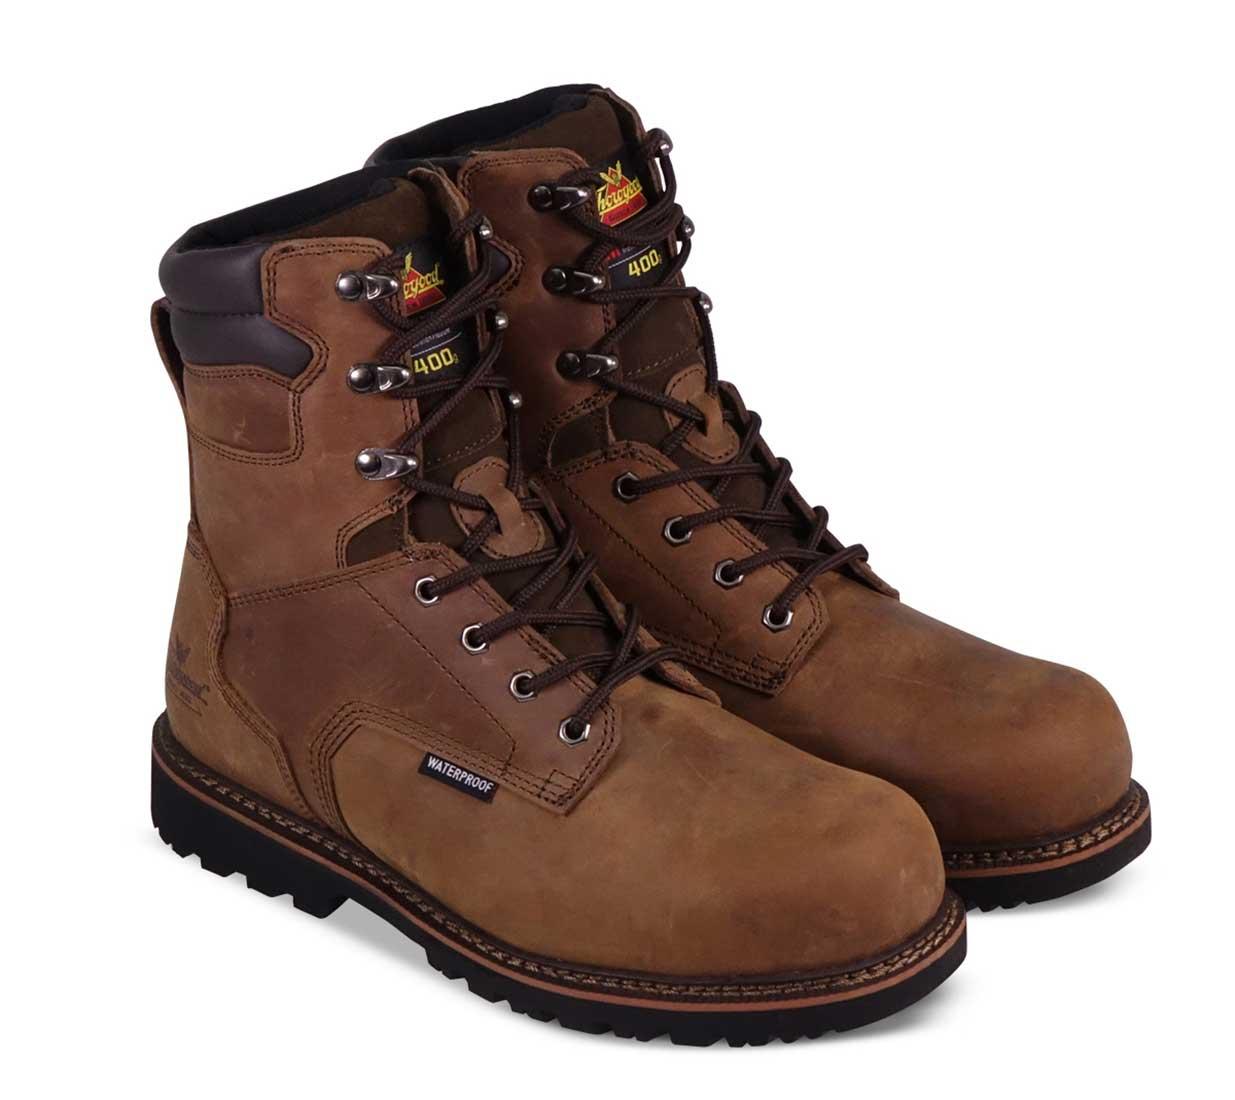 Thorogood Composite Toe Waterproof Hiker Work Shoes 804-6292